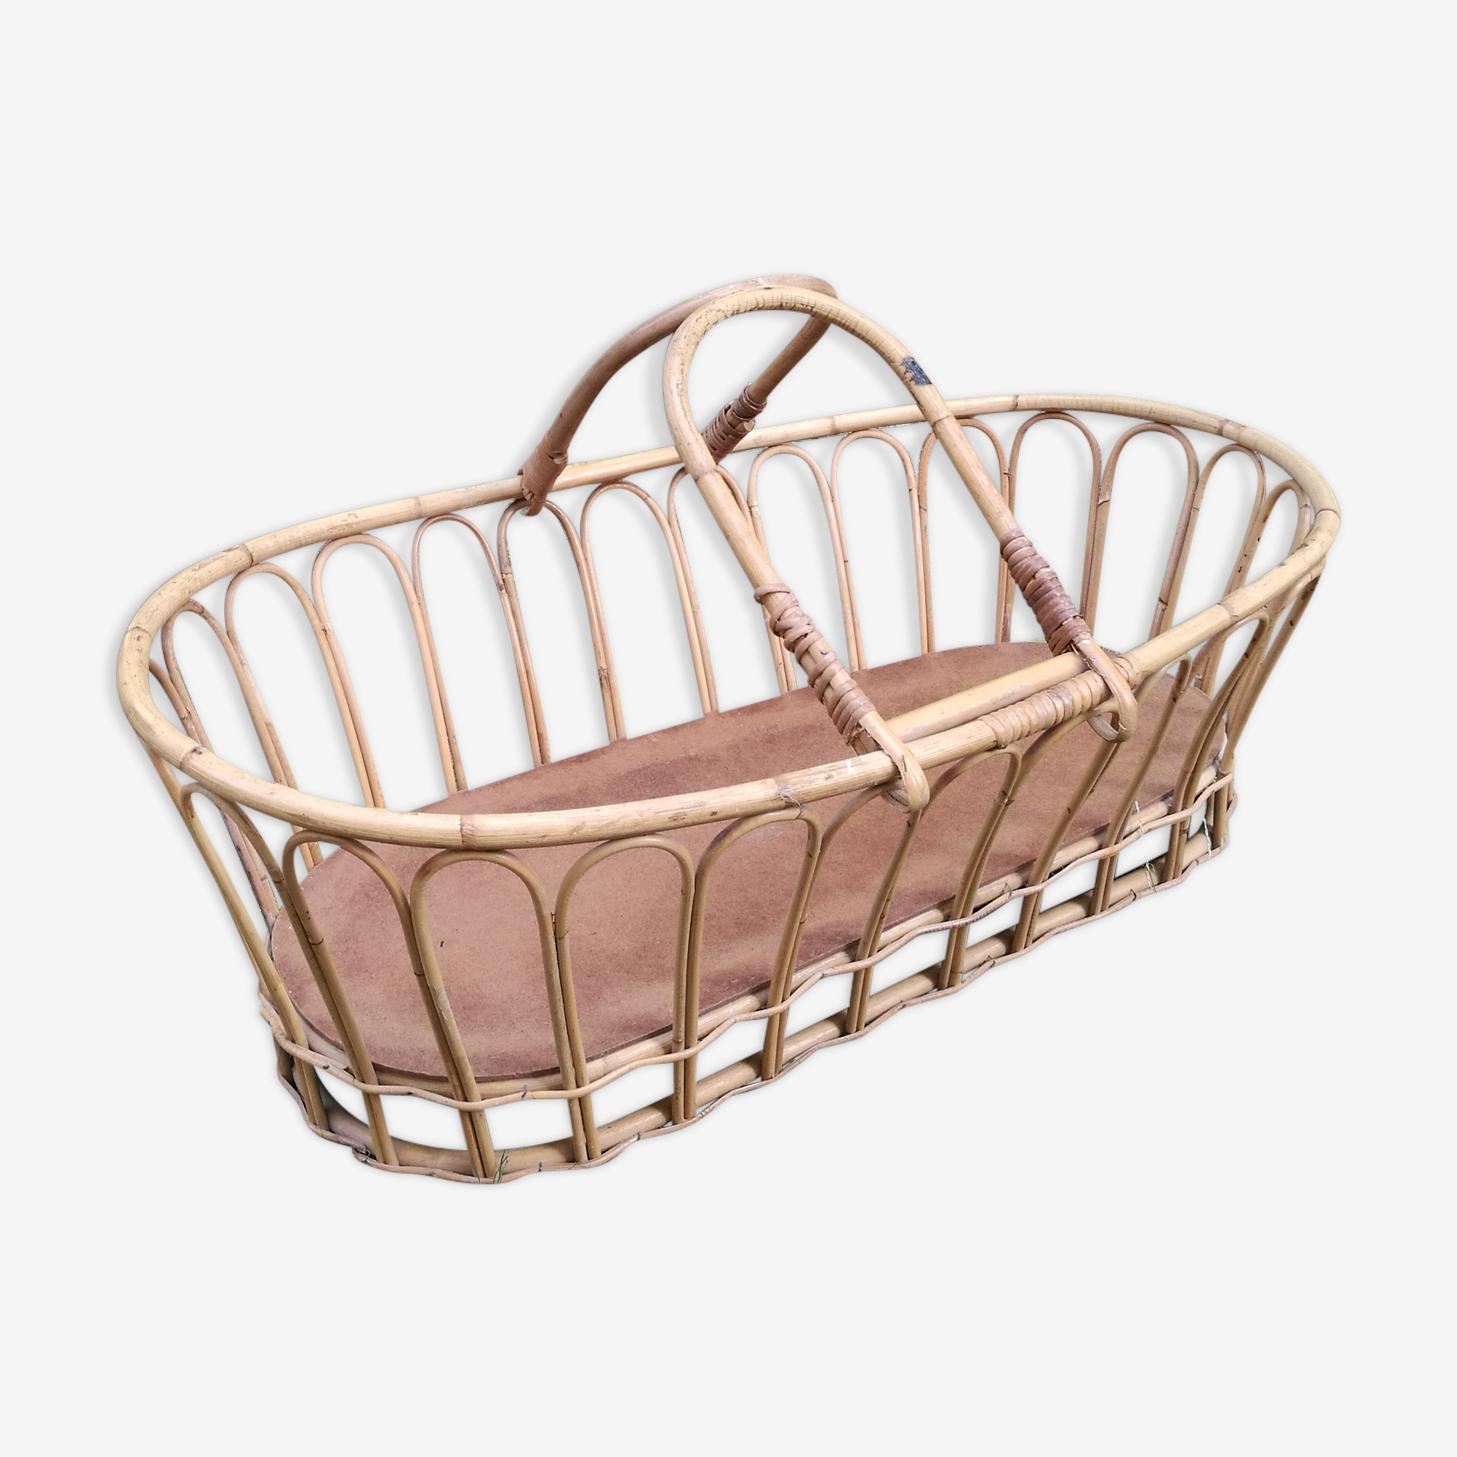 Wicker bassinet cradle